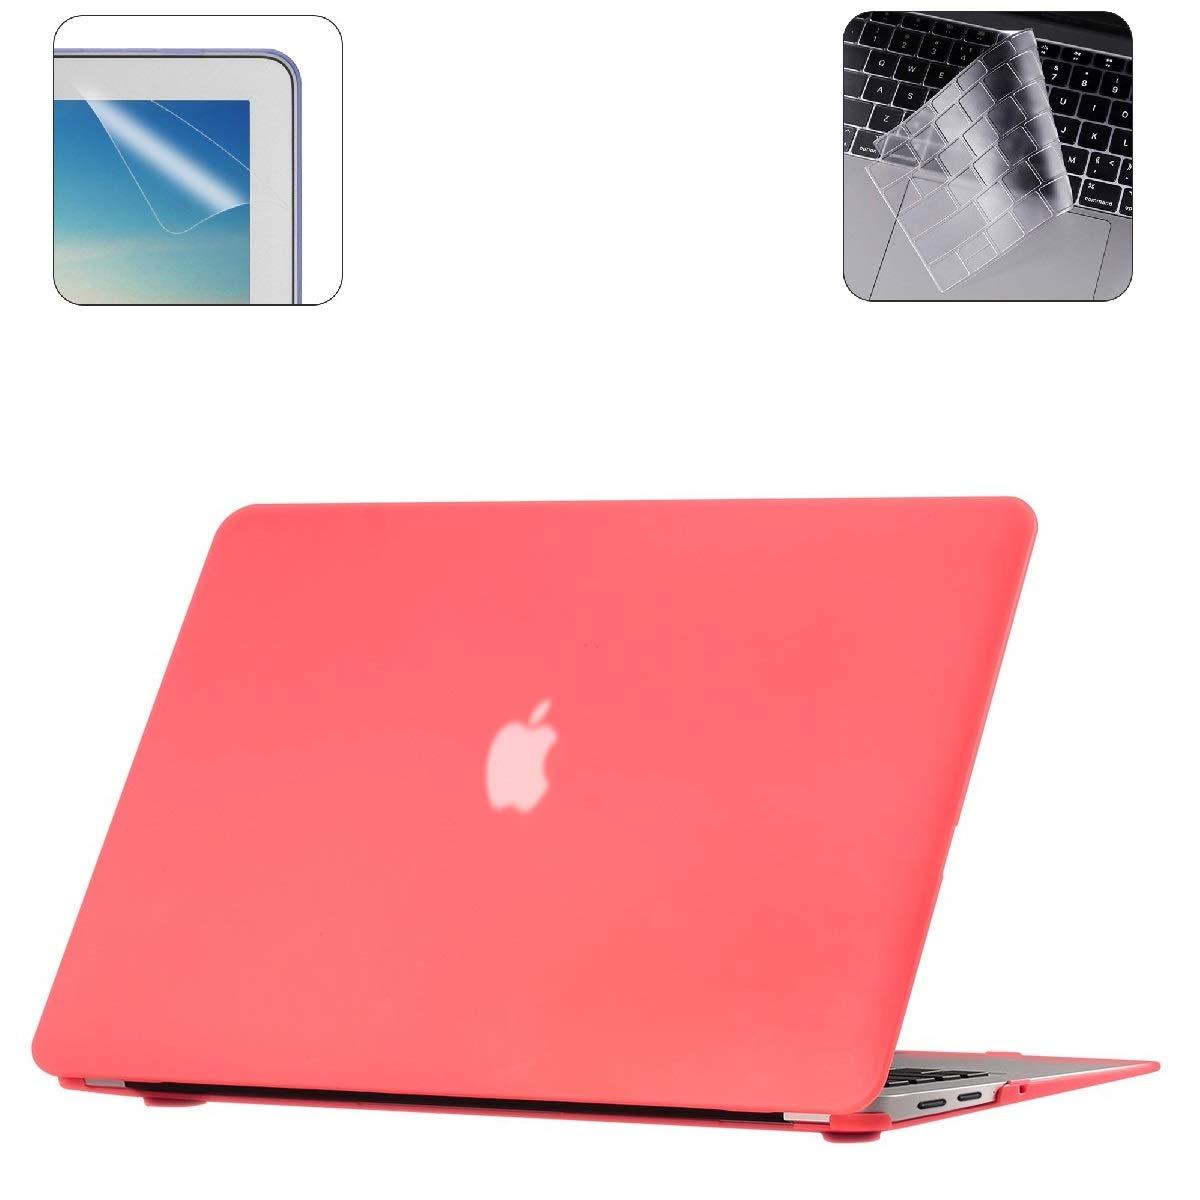 i-Buy Funda Dura para Carcasa MacBook Air 13 Pulgadas(Model A1932 2018.11) con Retina Display y Touch ID + TPU Skins para Teclado + Filtros de ...